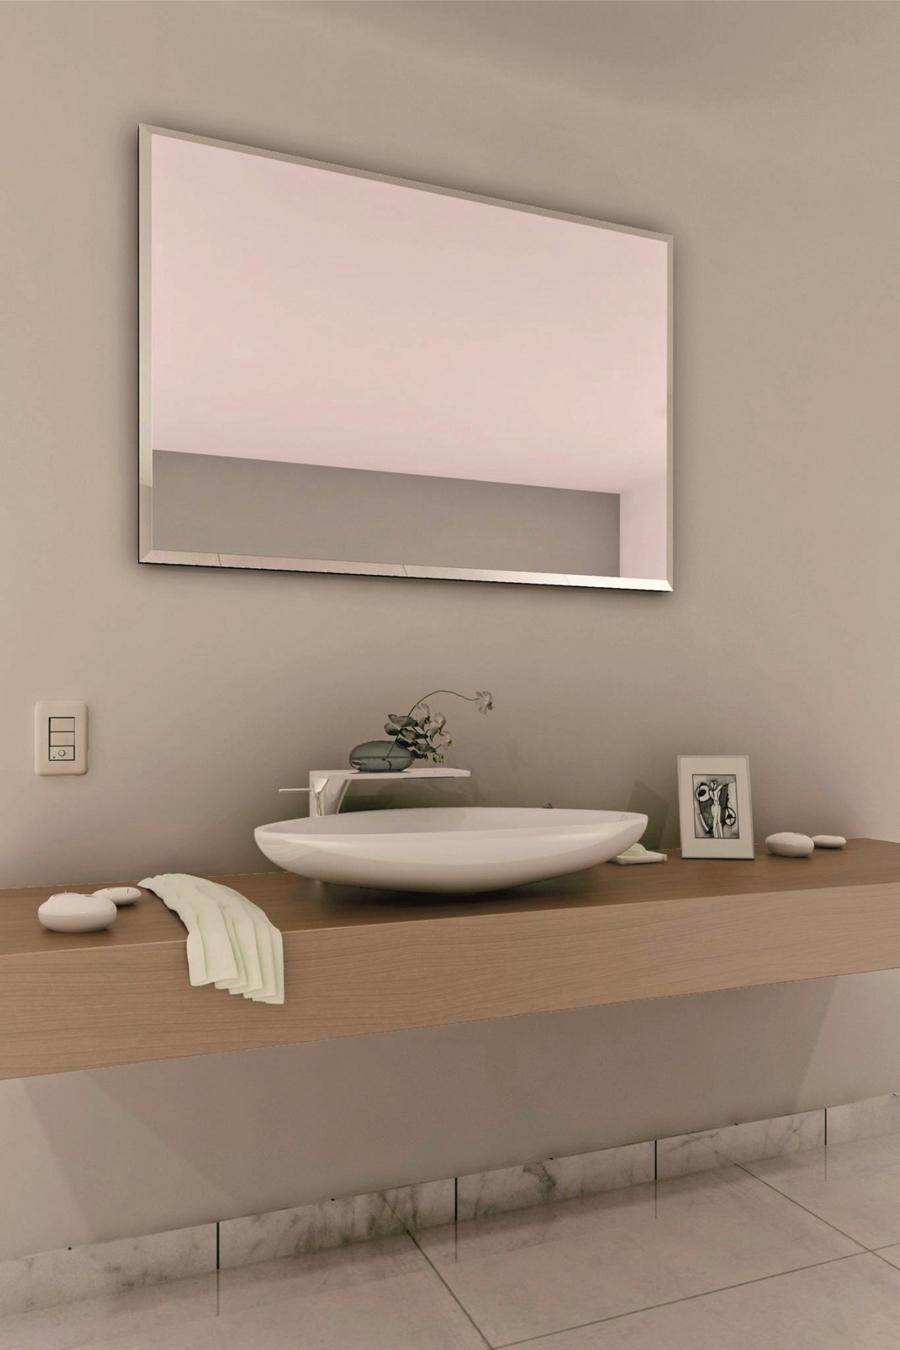 Espejo biselado mod 127 gldesign espejos con luz for Espejos biselados para banos